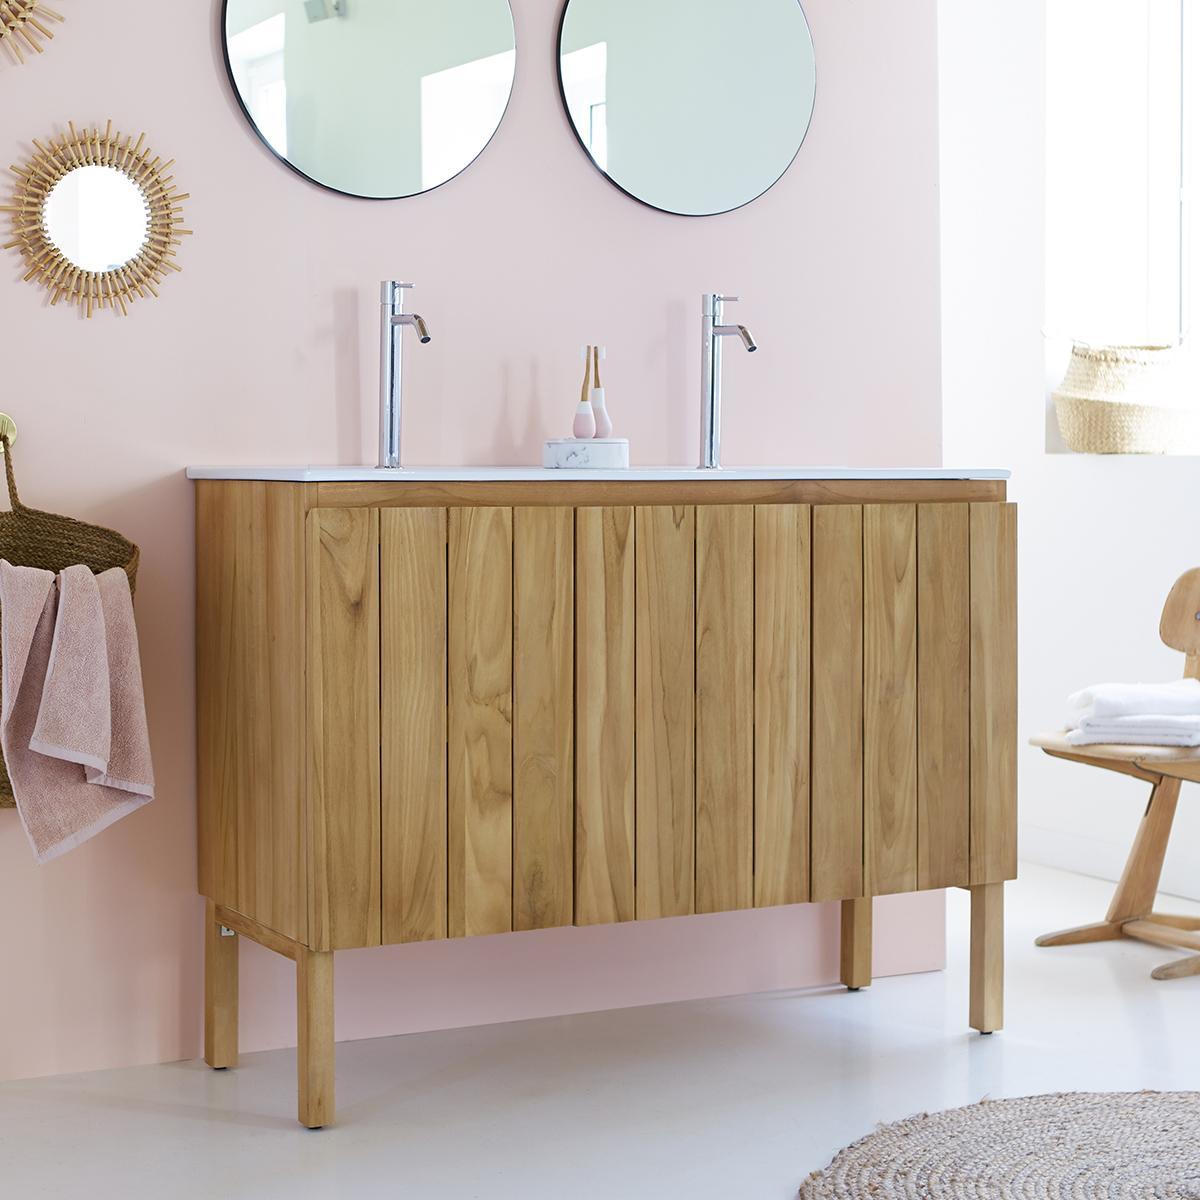 JILL teakfa és kerámia fürdőszoba szekrény 120